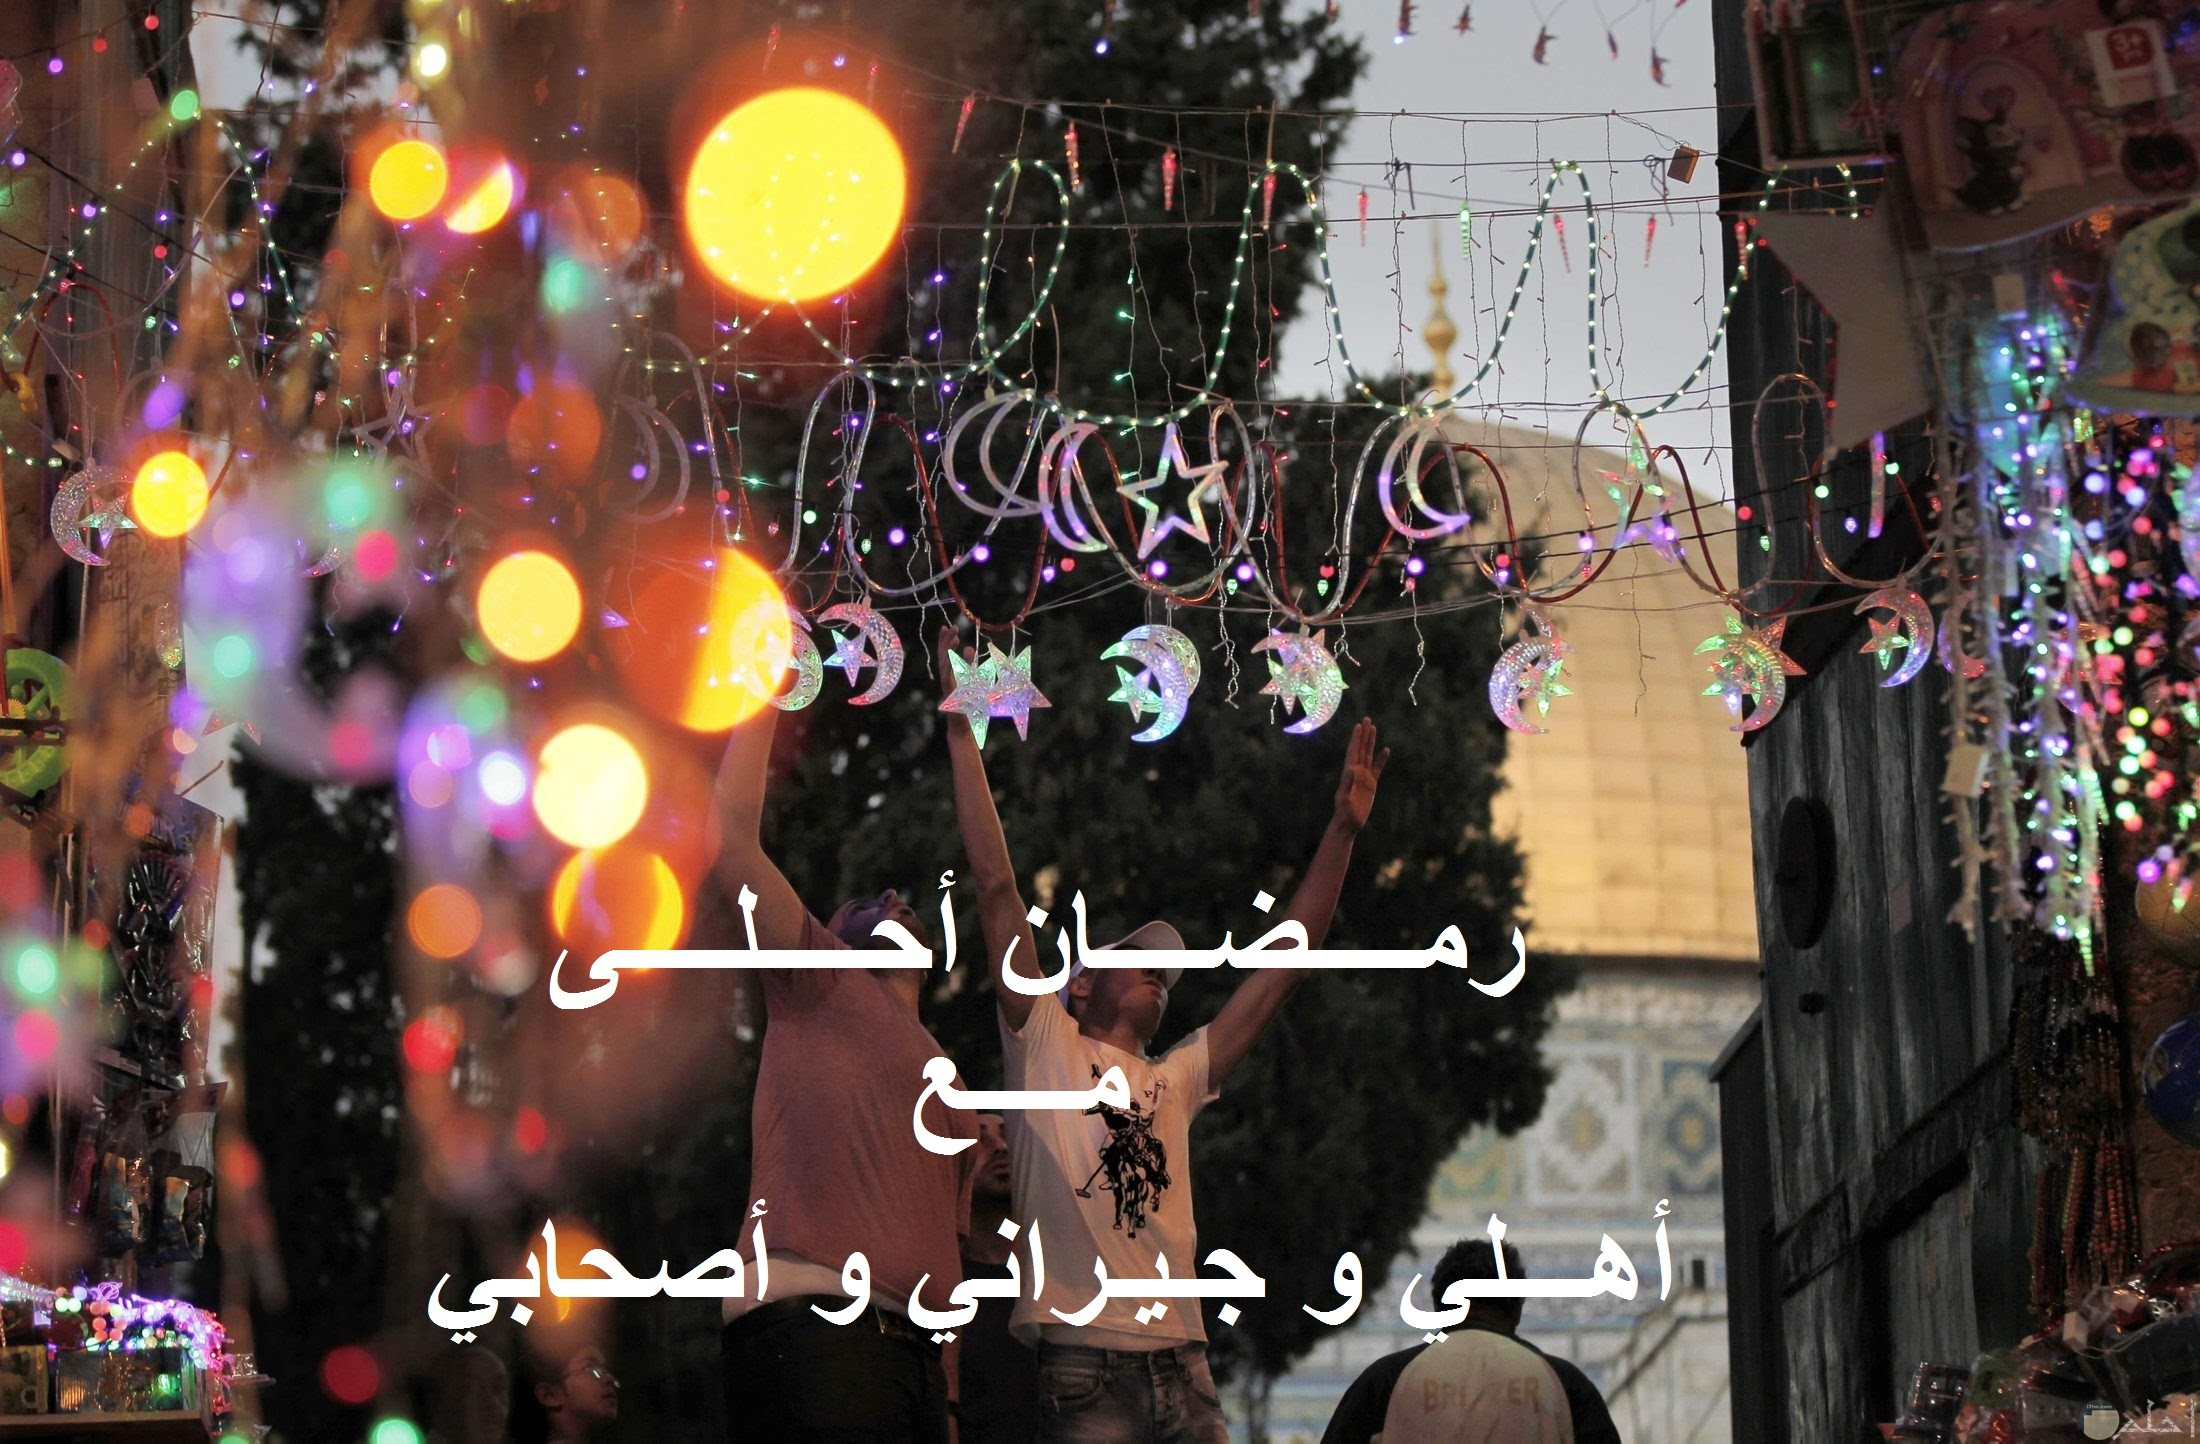 رمضان أحلى مع أهلي و جيراني و أصحابي.